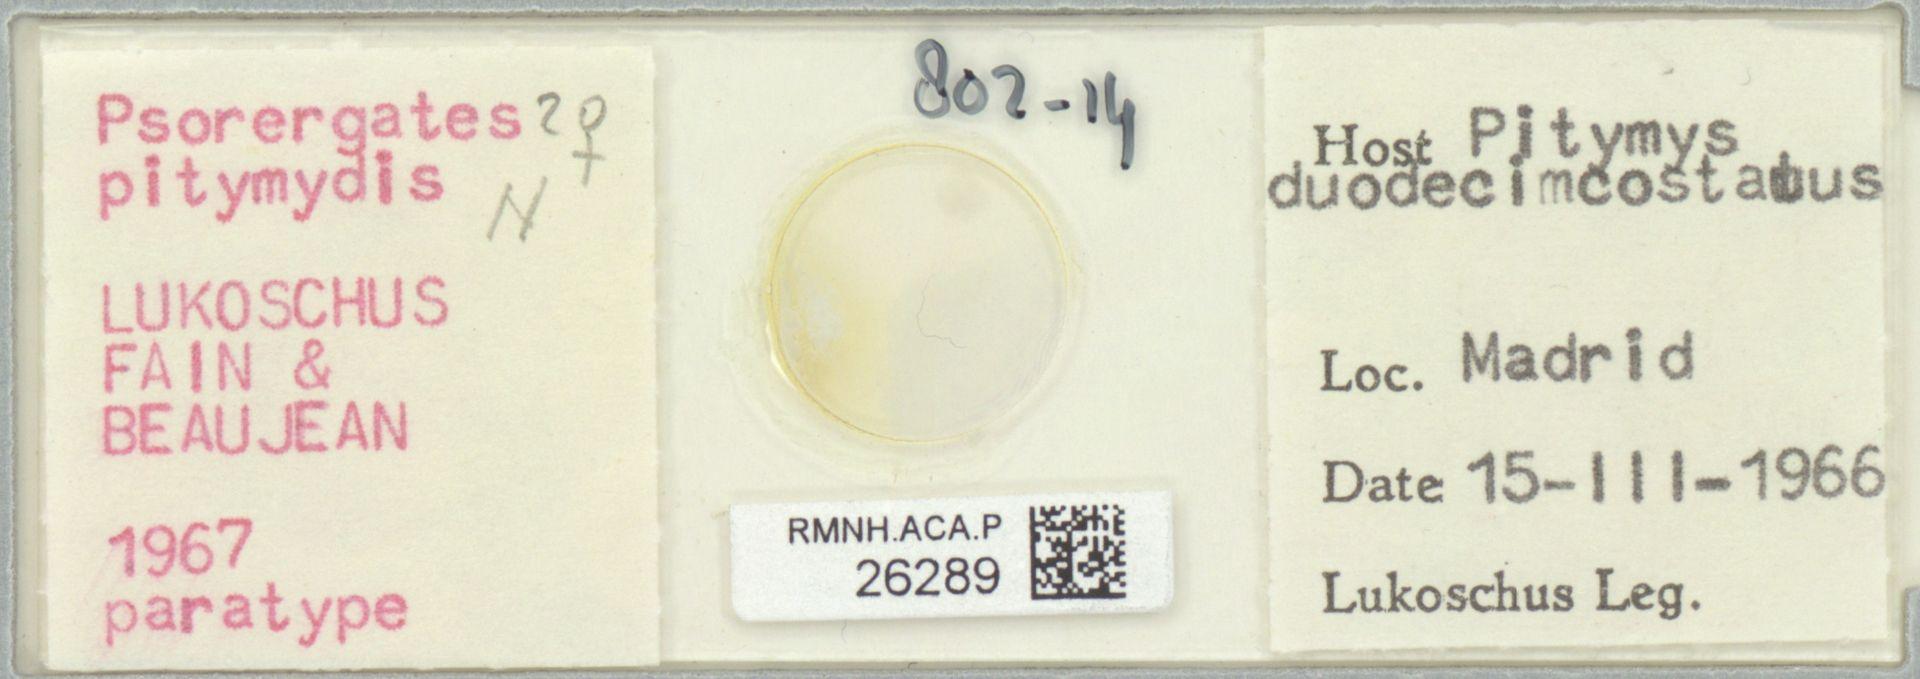 RMNH.ACA.P.26289   Psorergates pitymydis Lukoschus, Fain & Beaujan 1967